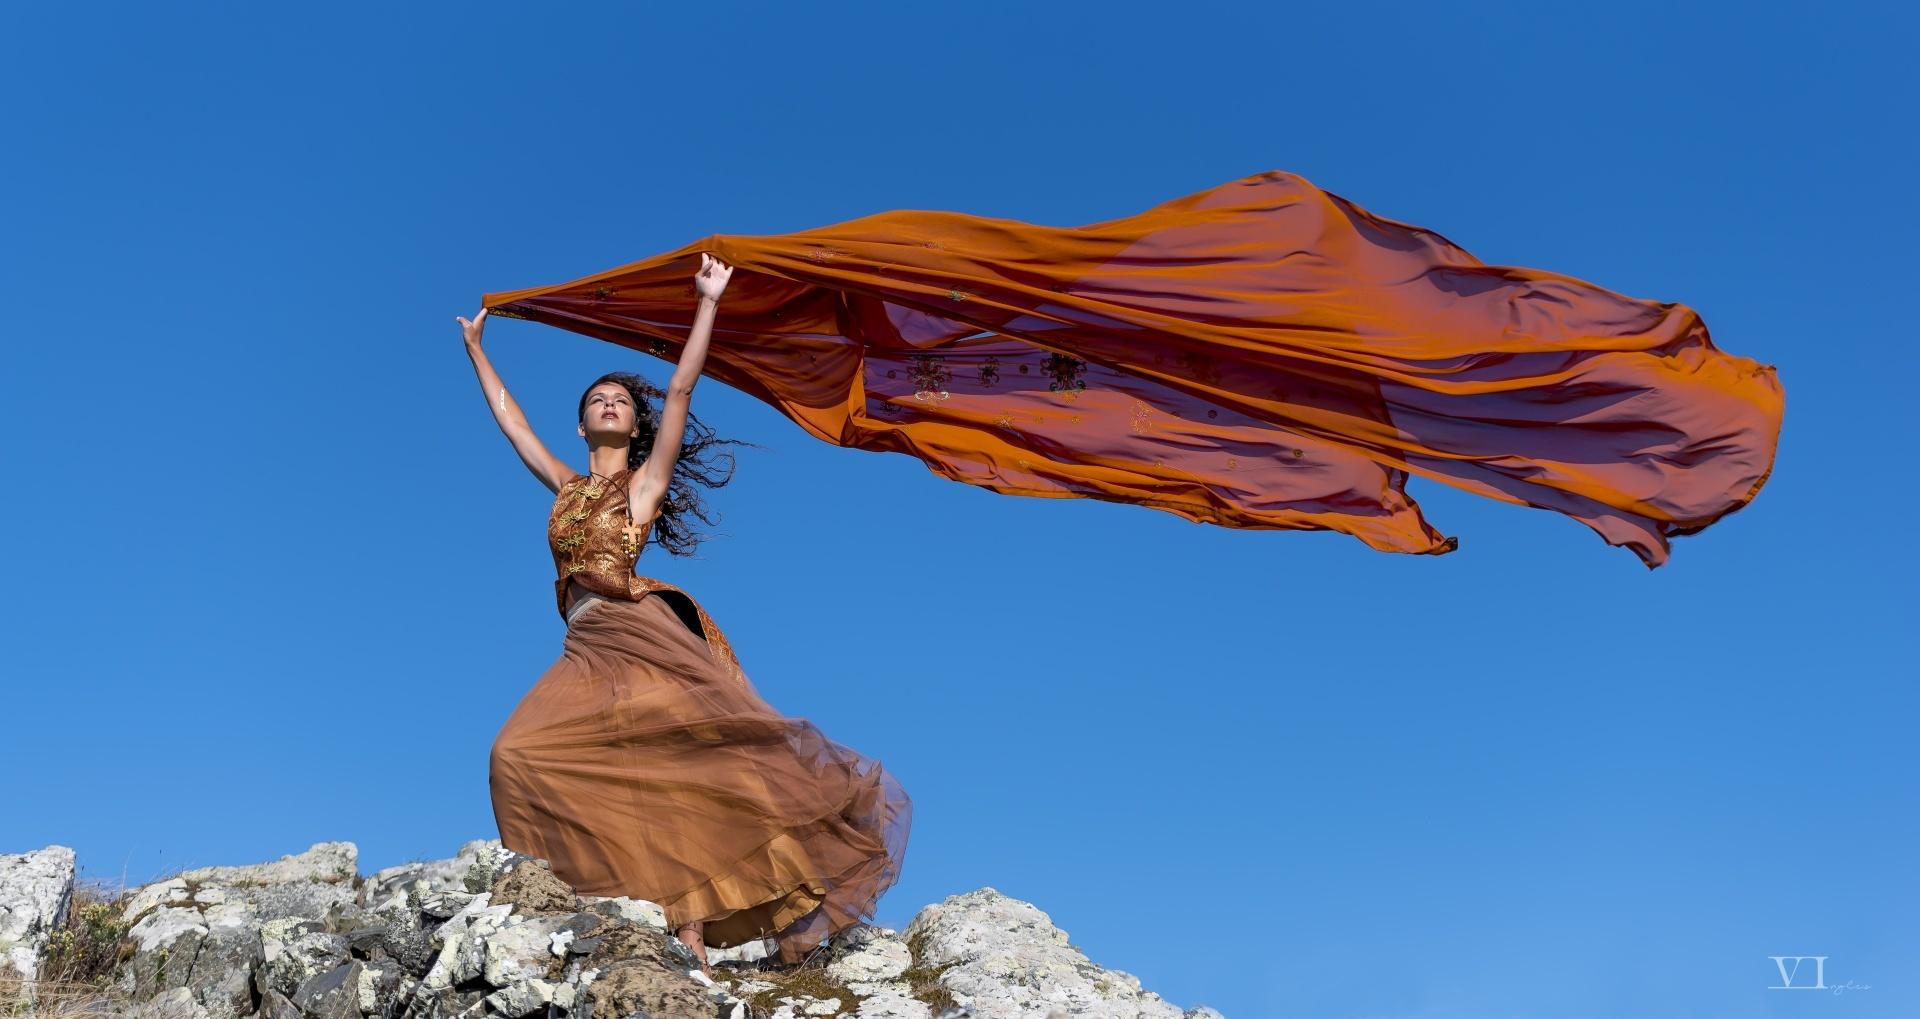 Retratos/Limiar do vento